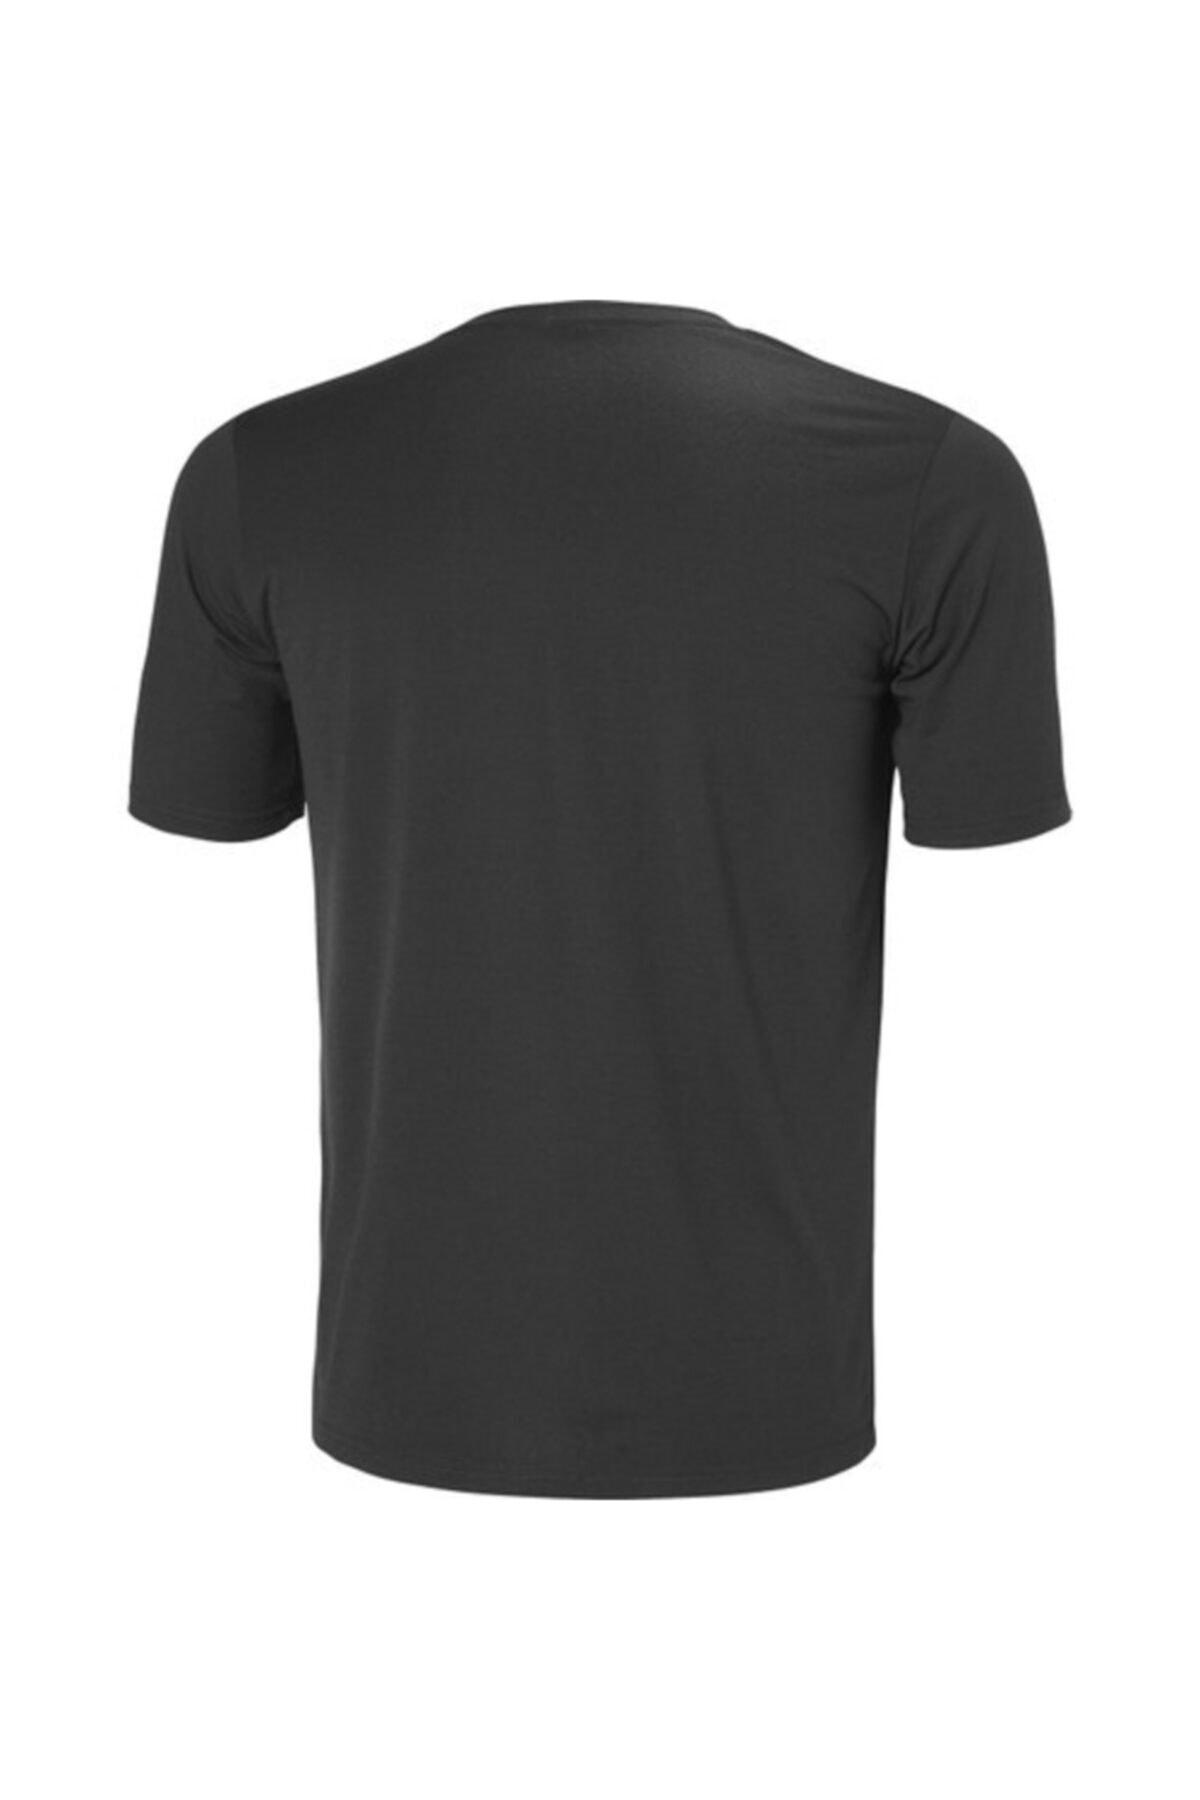 Helly Hansen Hp Racing Erkek T-shirt 2